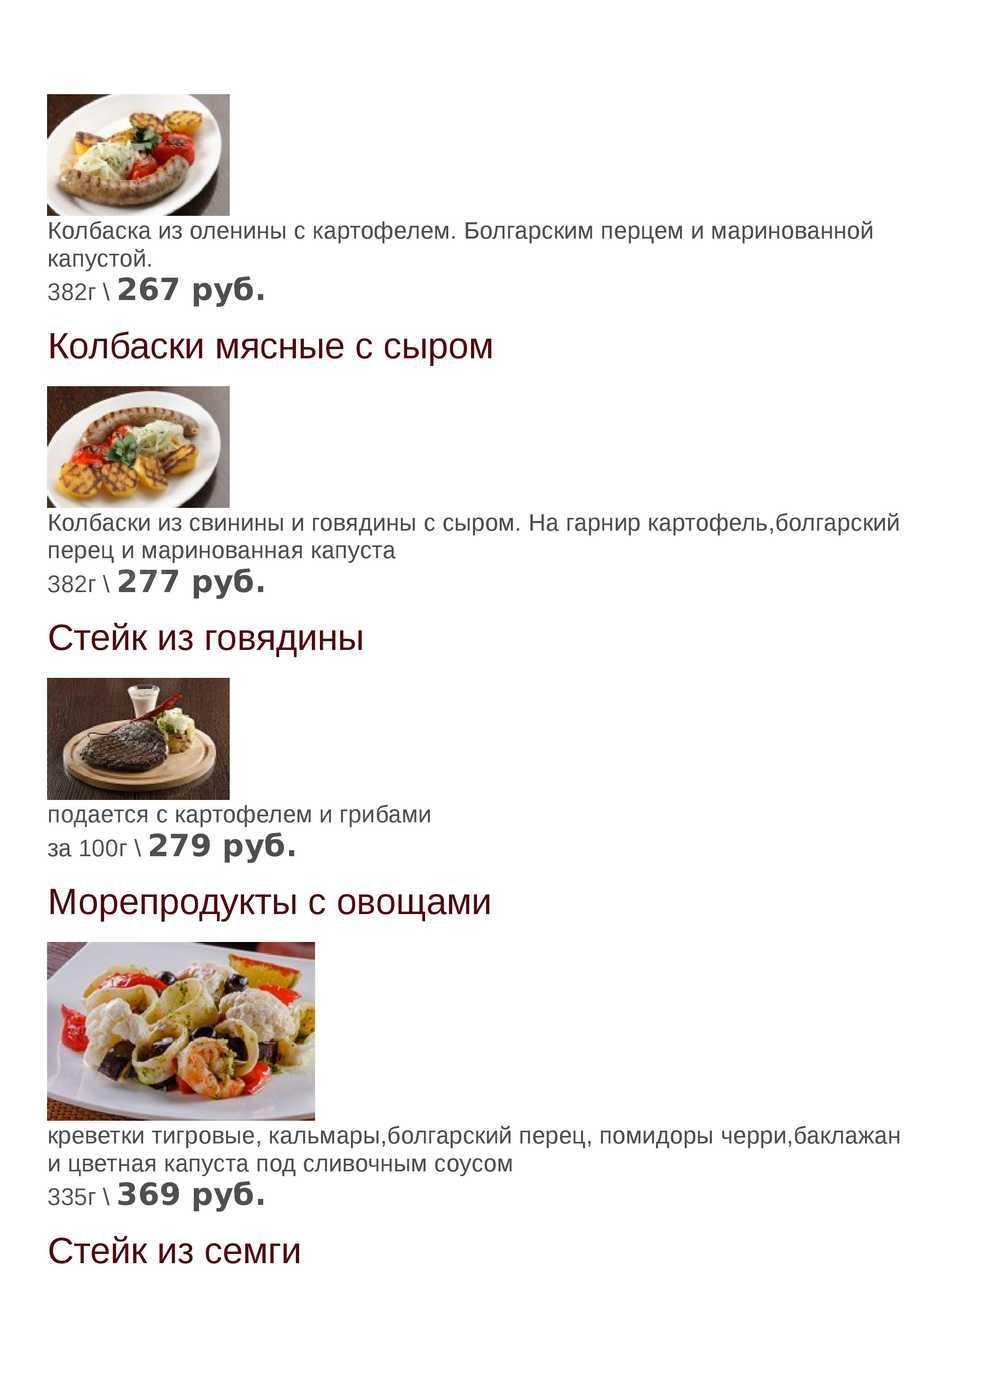 Меню кафе Ермак на проспекте имени газеты Красноярский Рабочий фото 16